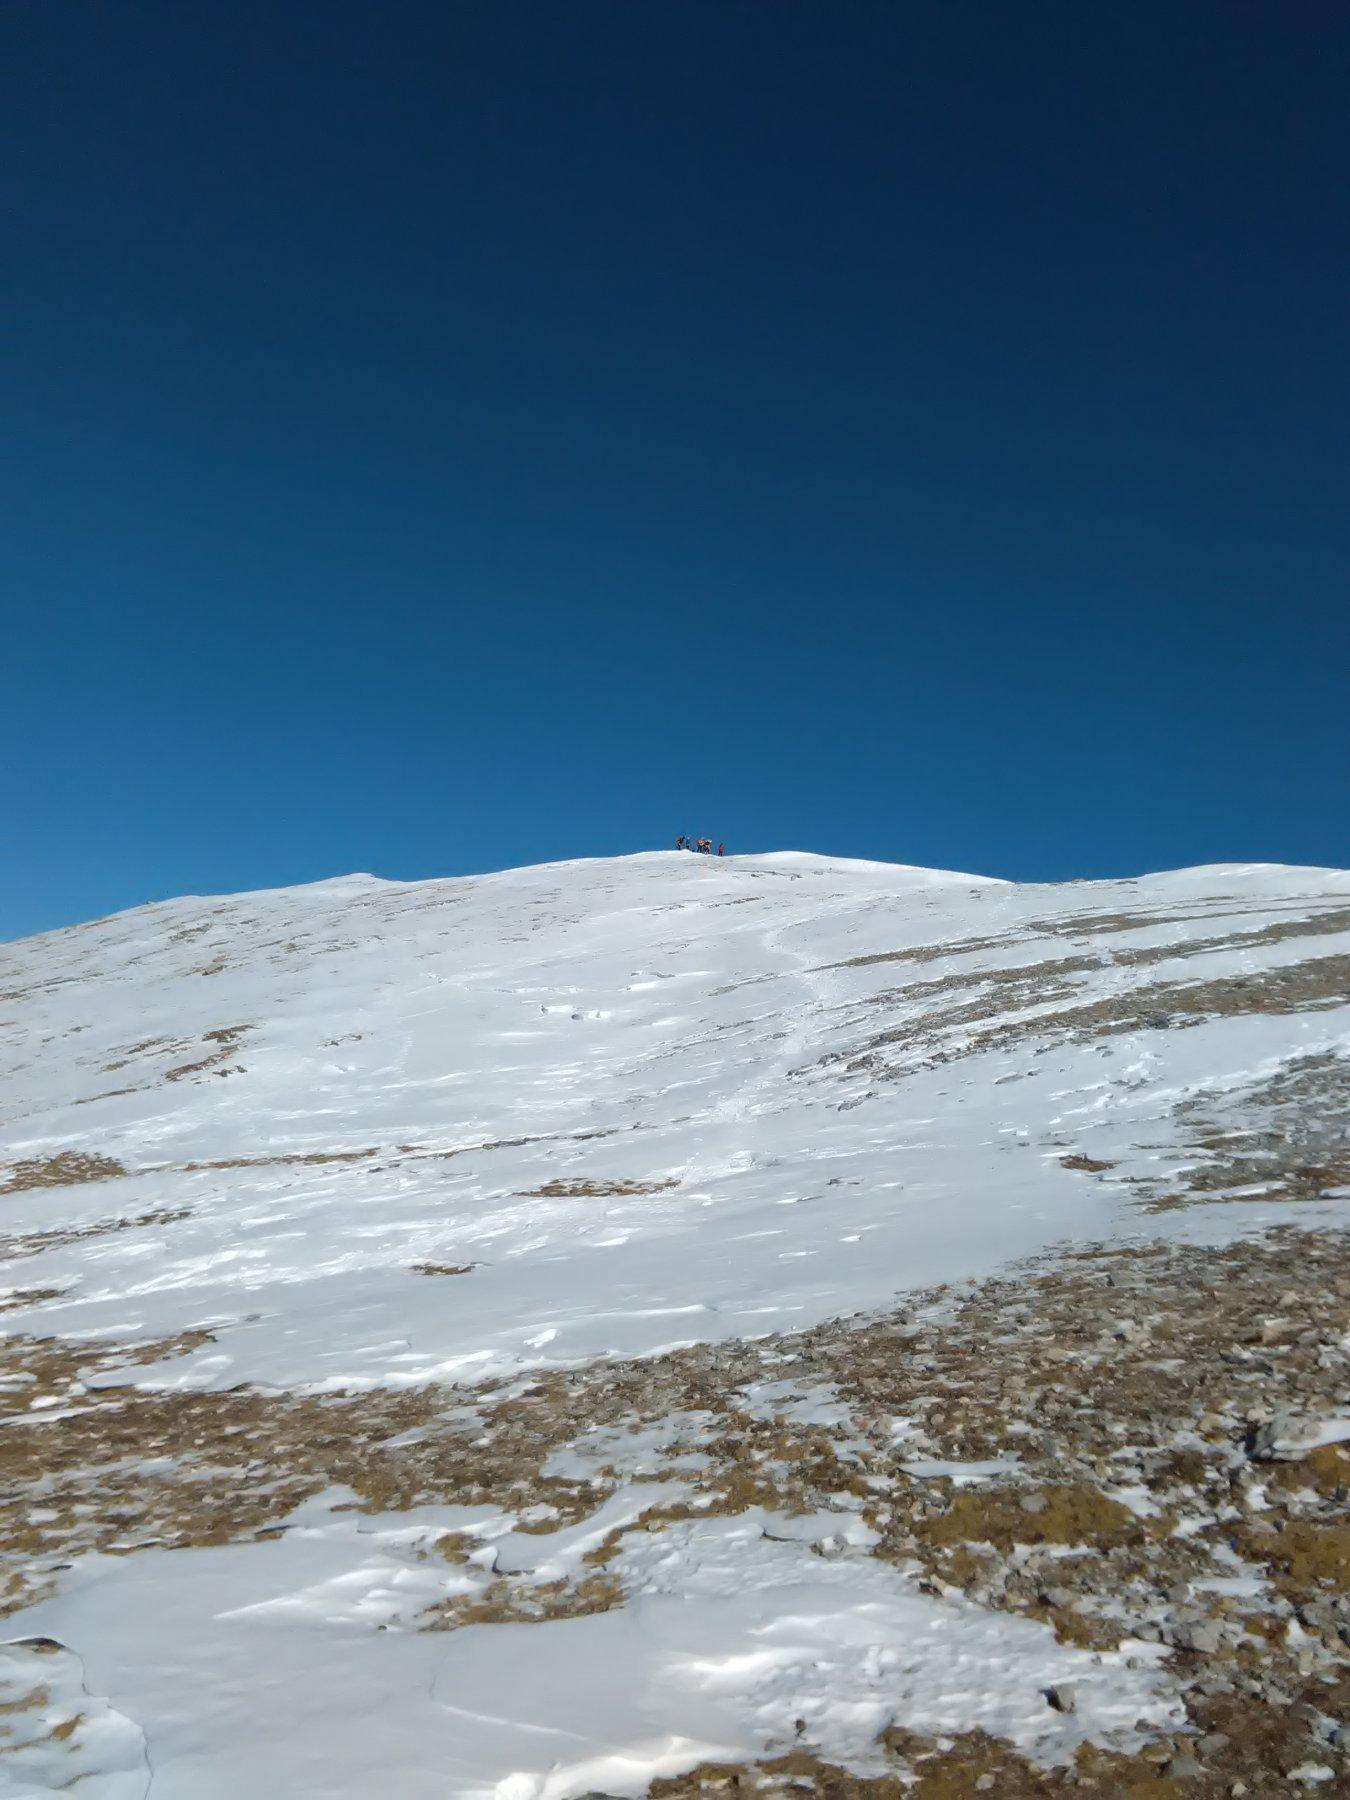 verso la cima la neve scarseggia